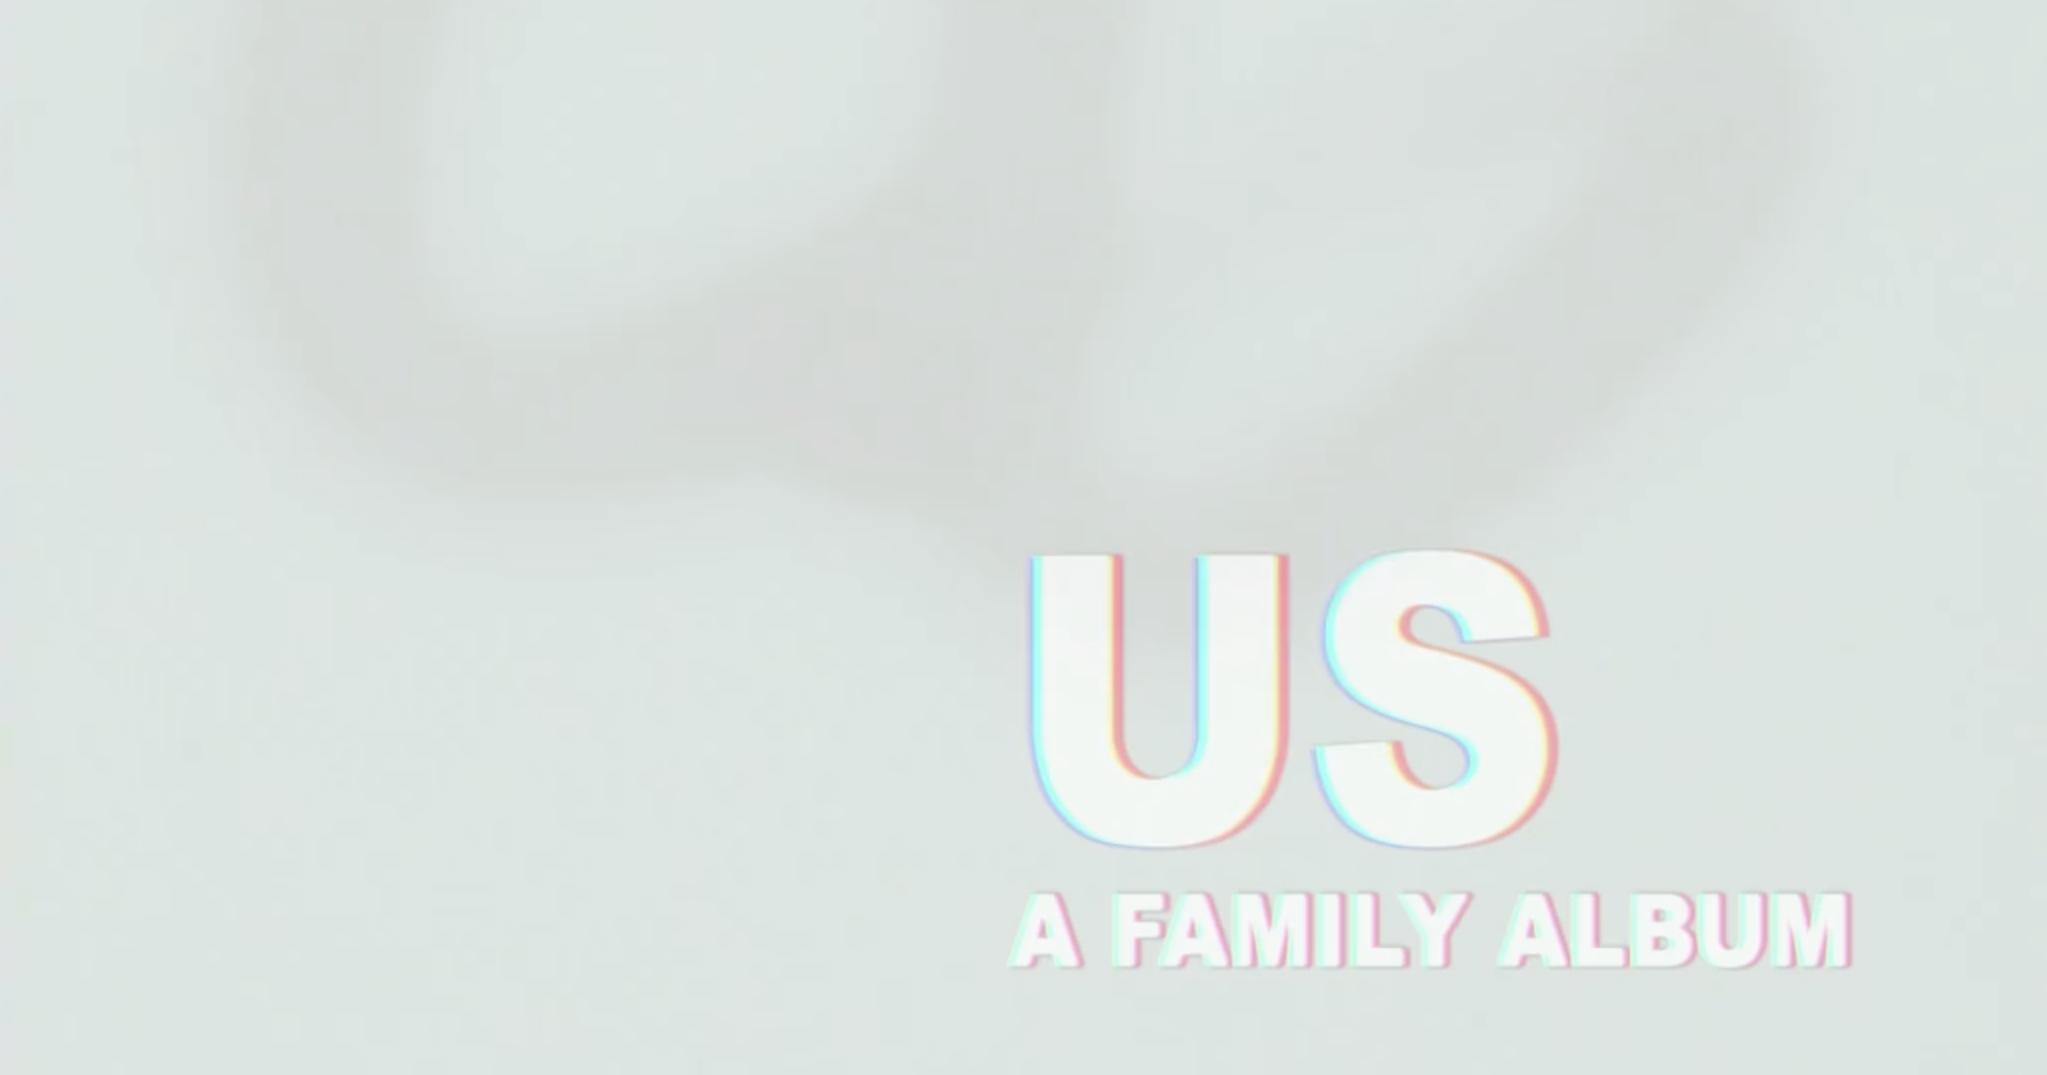 US Thumbnail 1.png